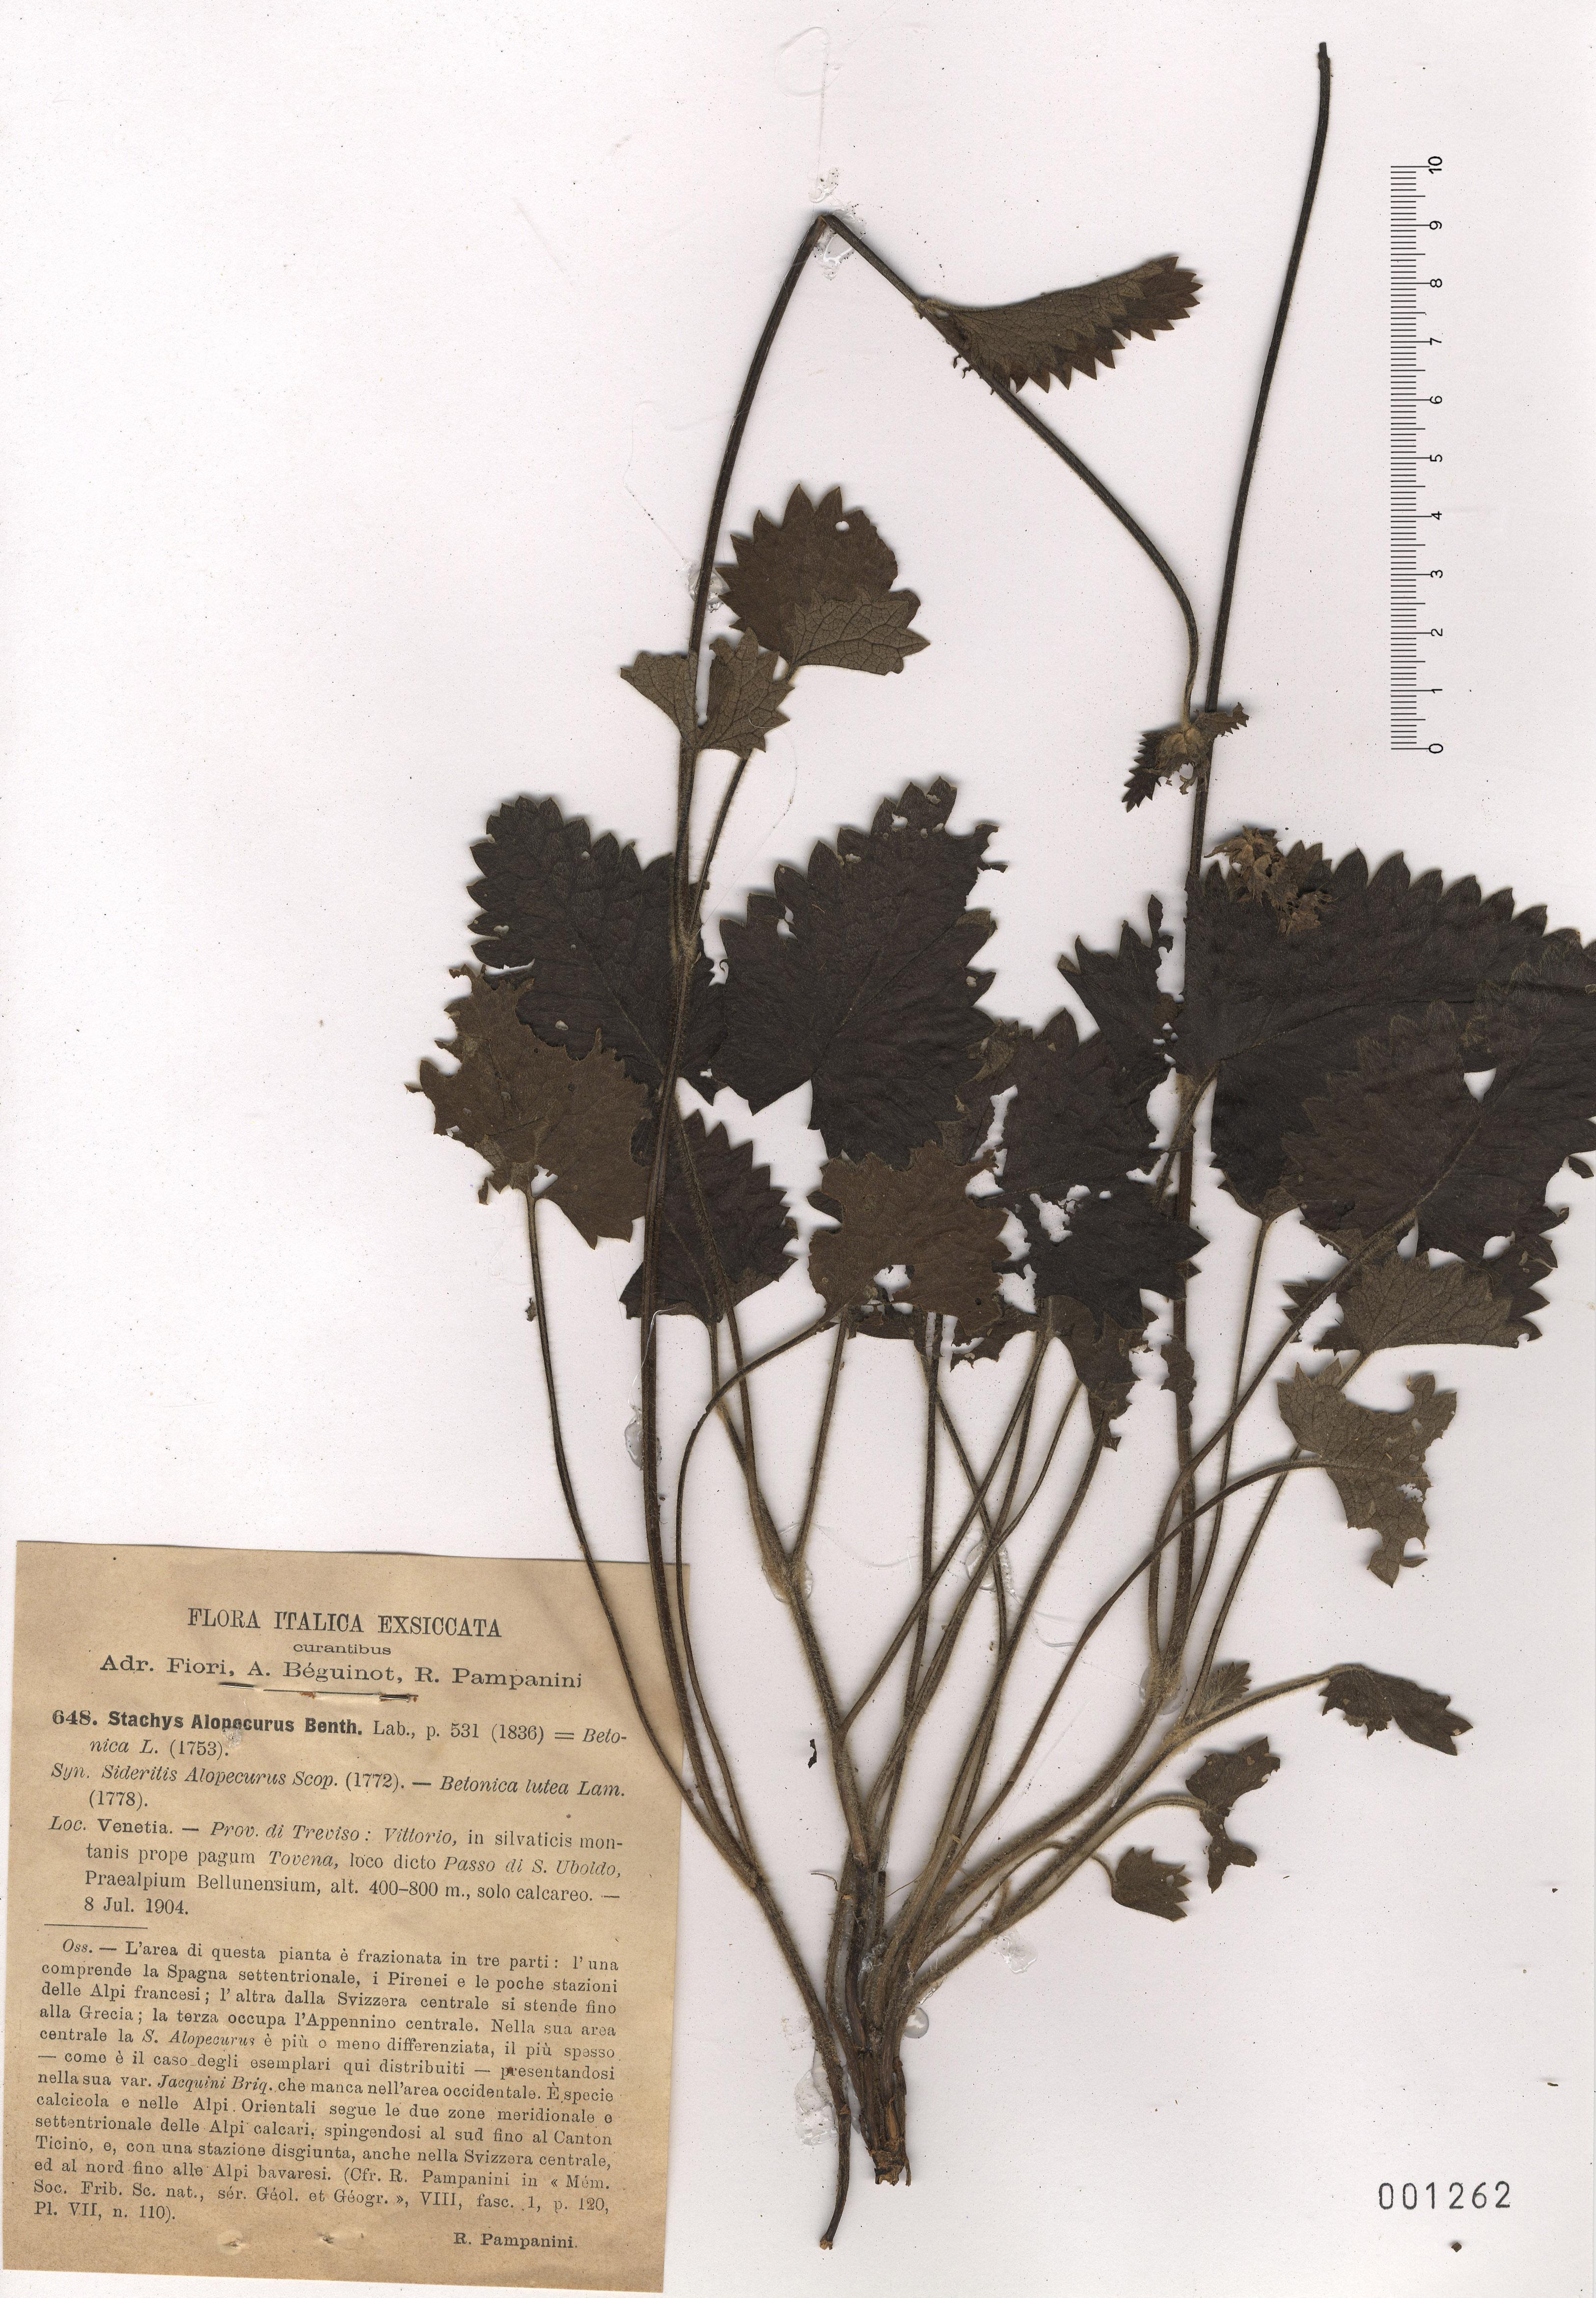 © Hortus Botanicus Catinensis - Herb. sheet 001262<br>